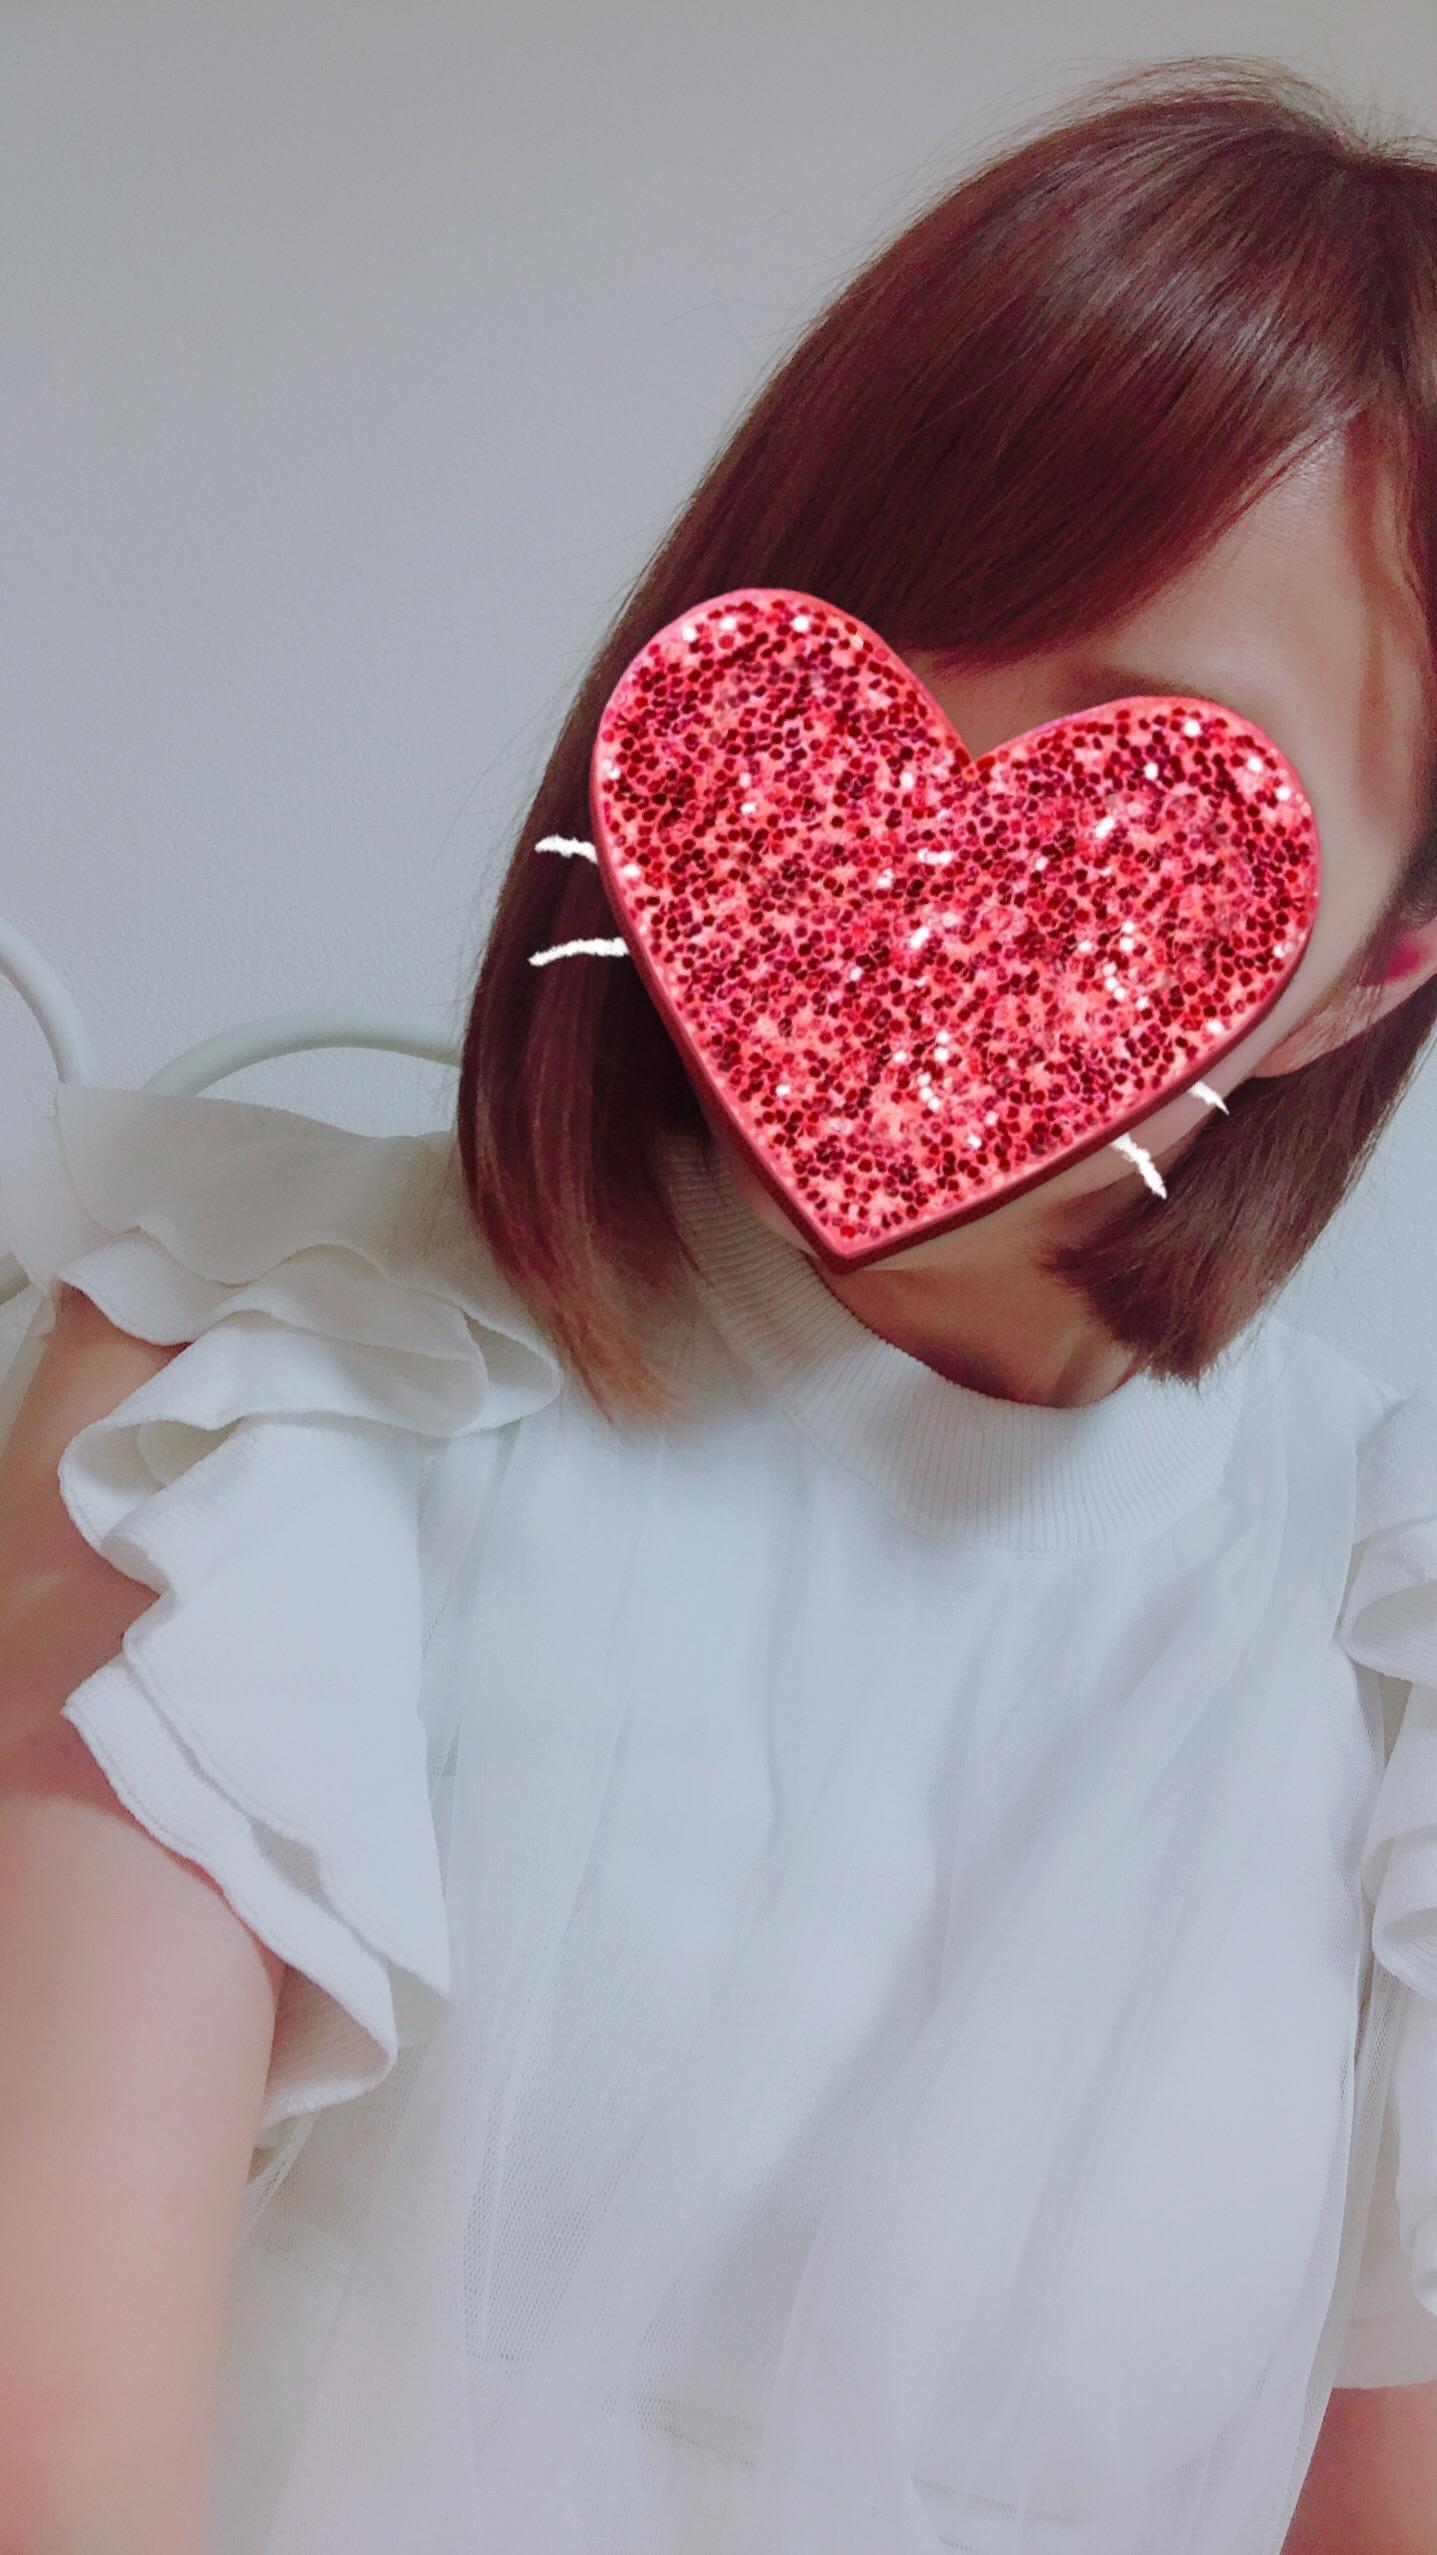 玉玲「おはよう*.」07/20(金) 13:07 | 玉玲の写メ・風俗動画